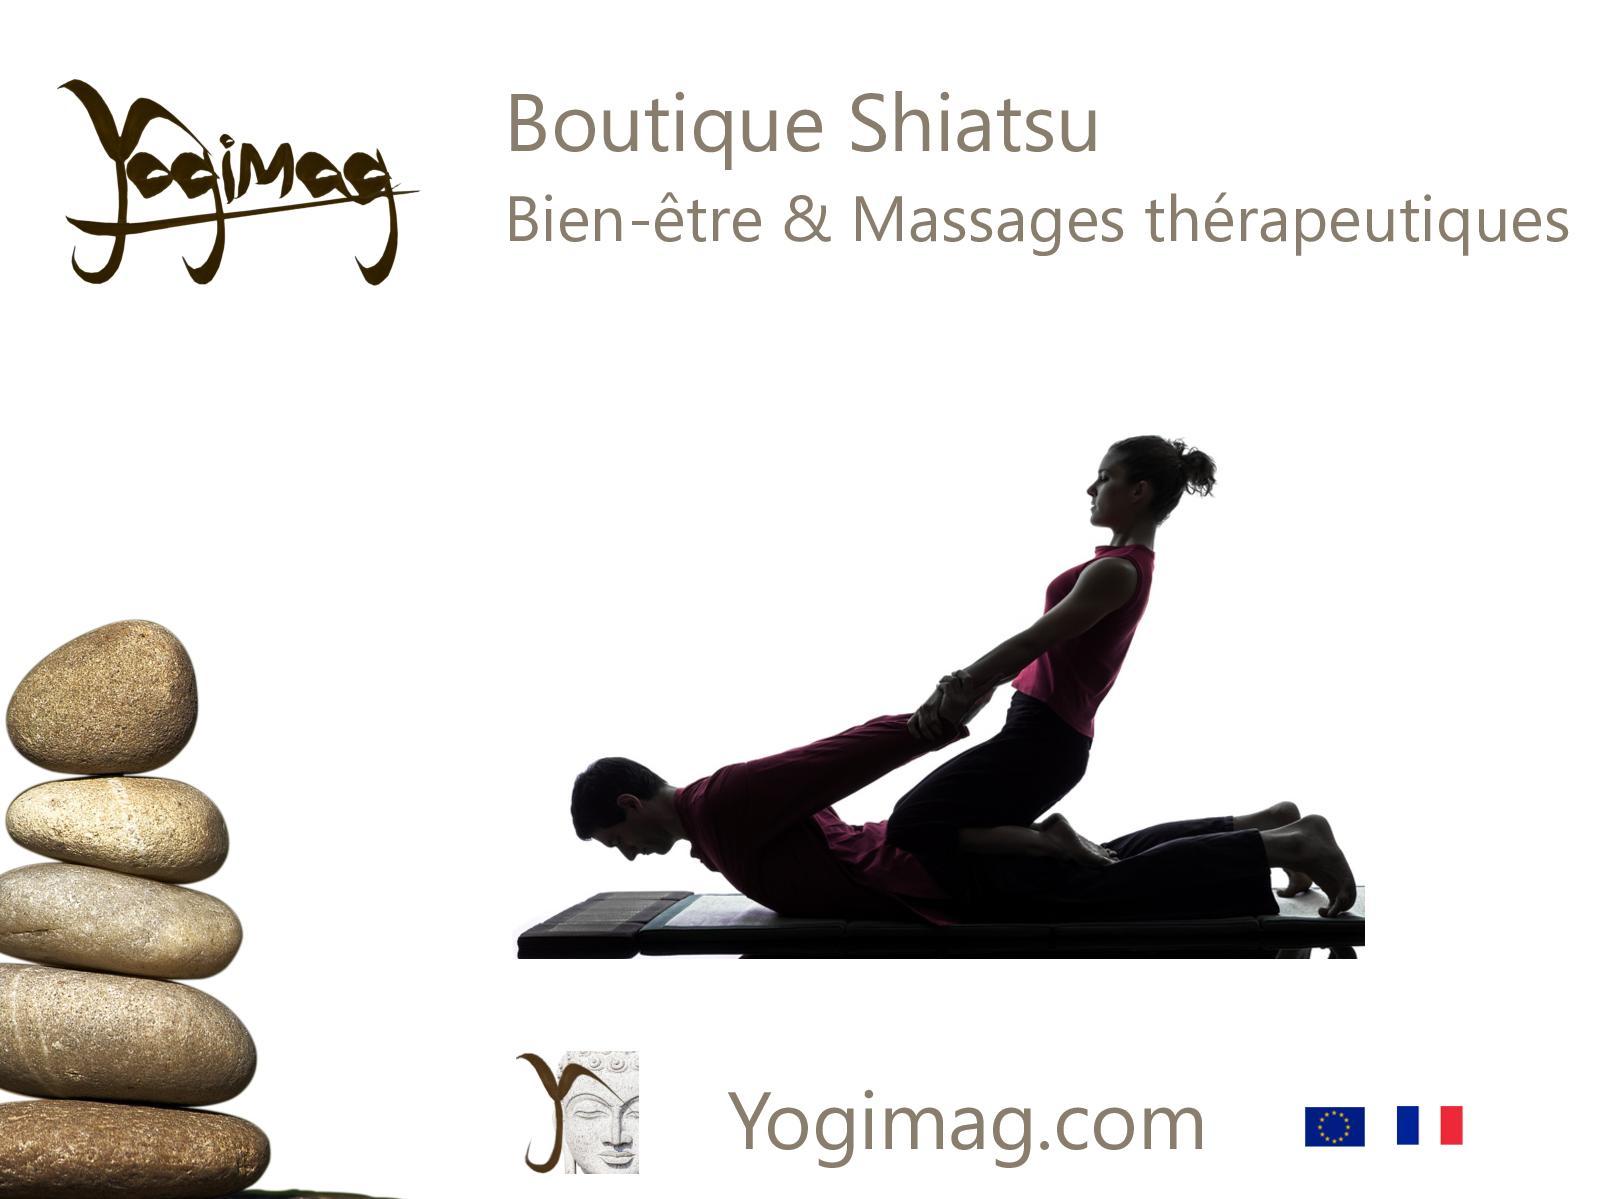 Calaméo - Tapis futon shiatsu - Boutique Shiatsu Grossiste - Catalogue  Shiatsu Yogimag 2019 ab515f6e147